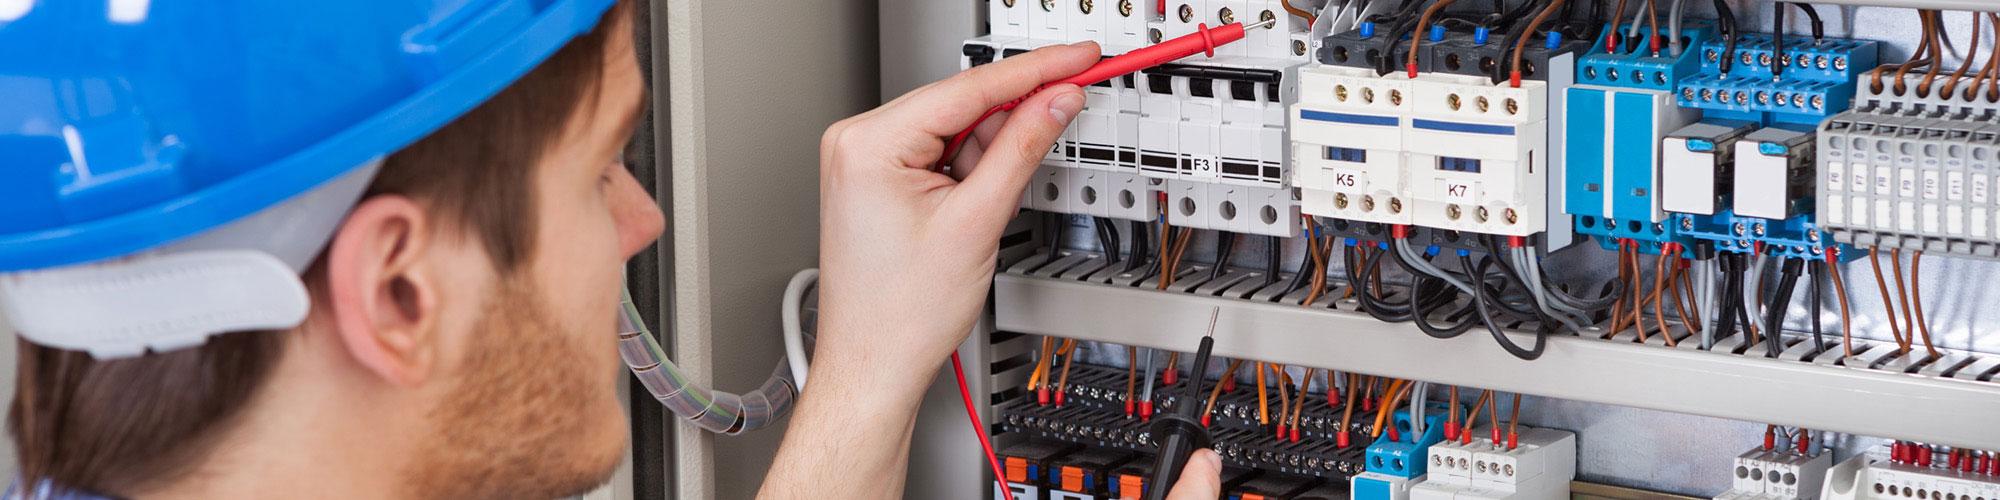 Sicherheit in elektrischen Anlagen